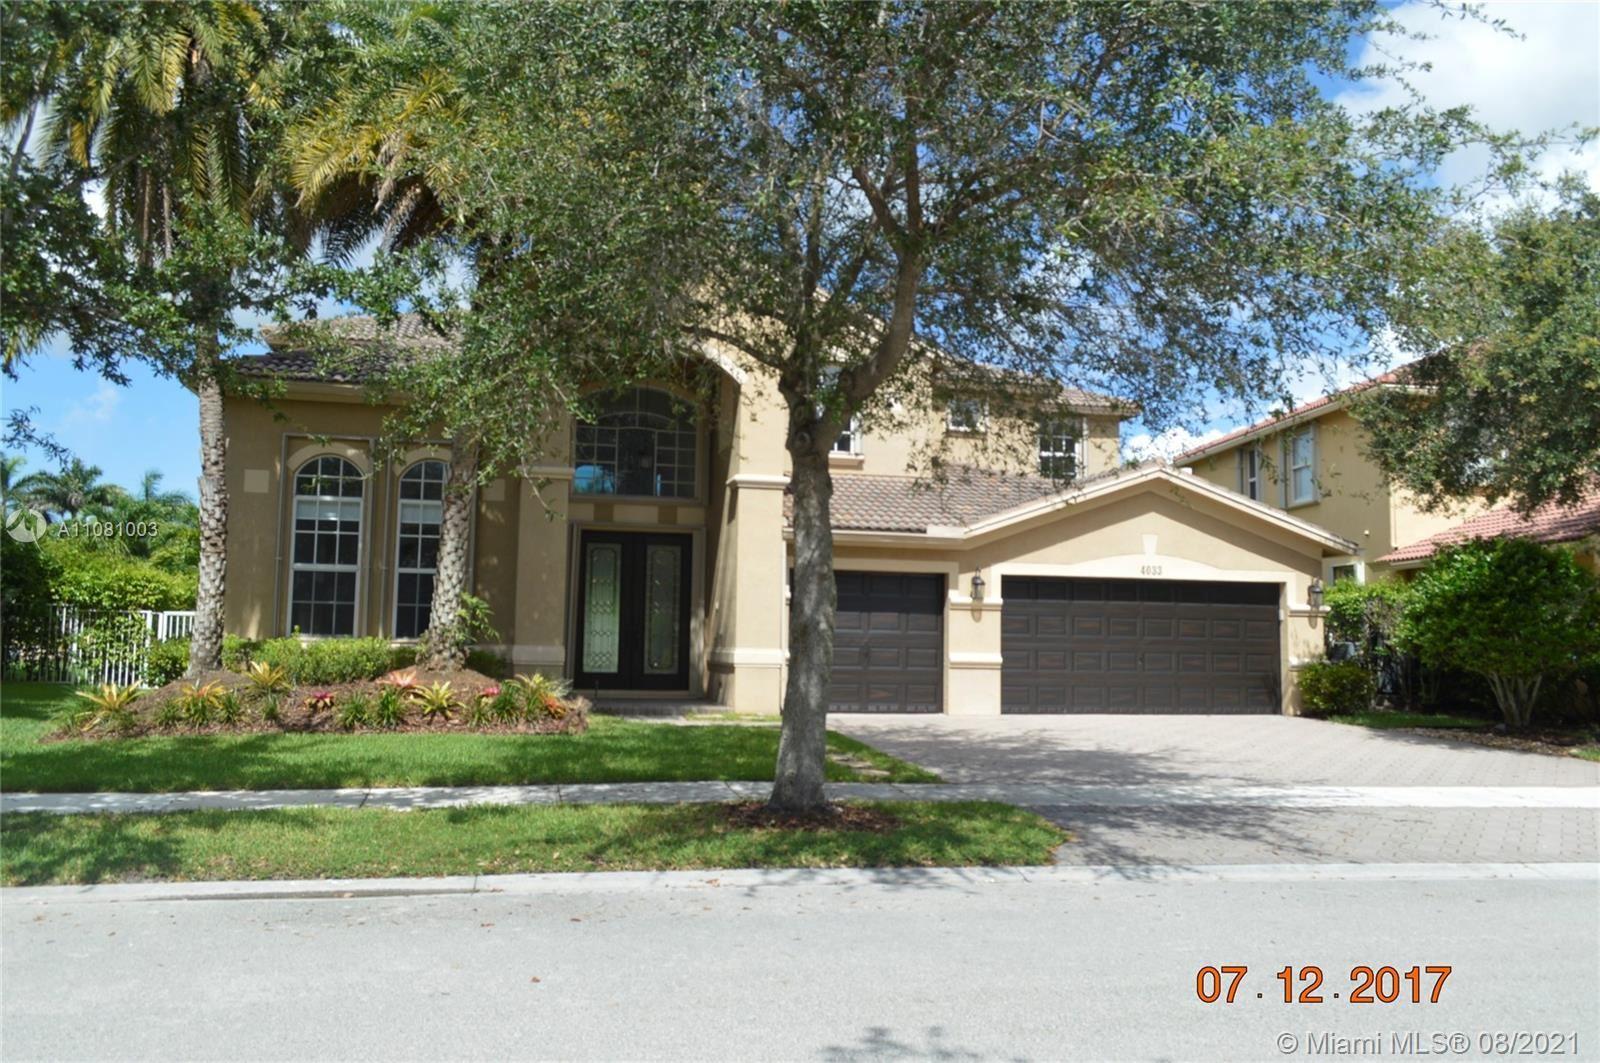 4033 W Gardenia Ave, Weston, FL 33332 - #: A11081003